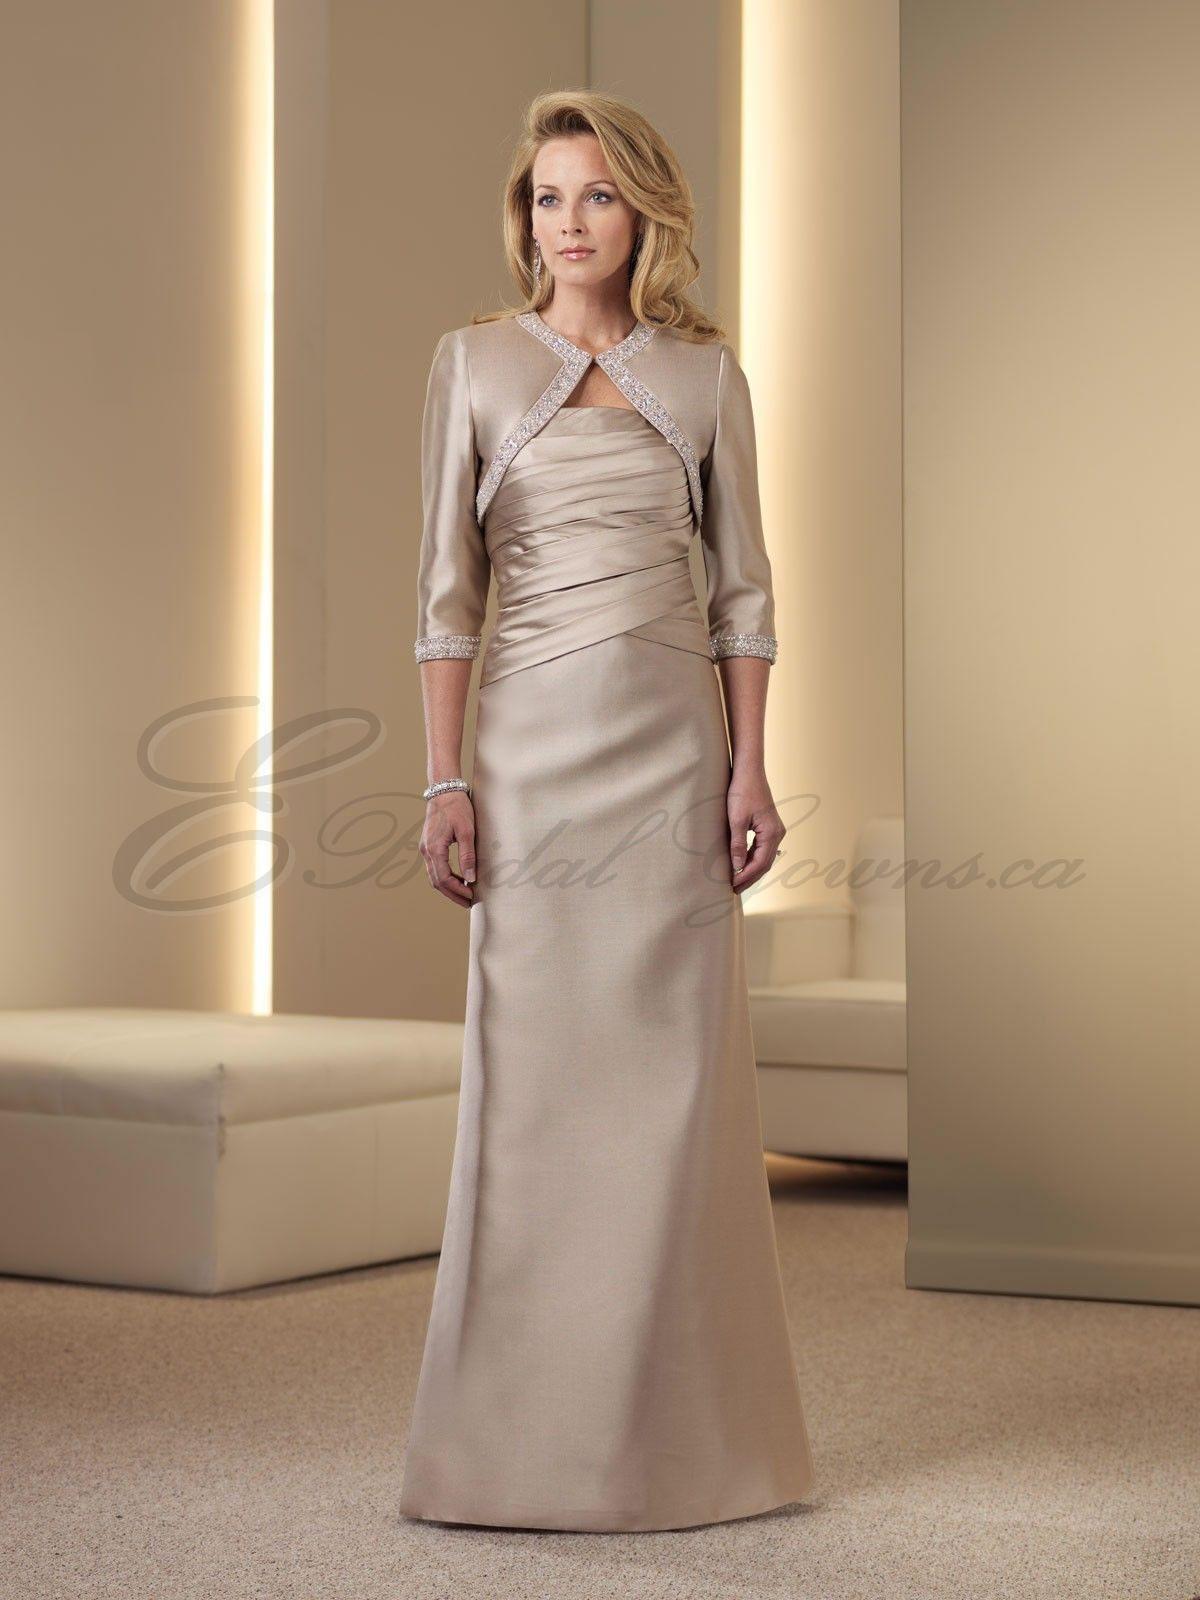 silver wedding dresses for older brides Mother of